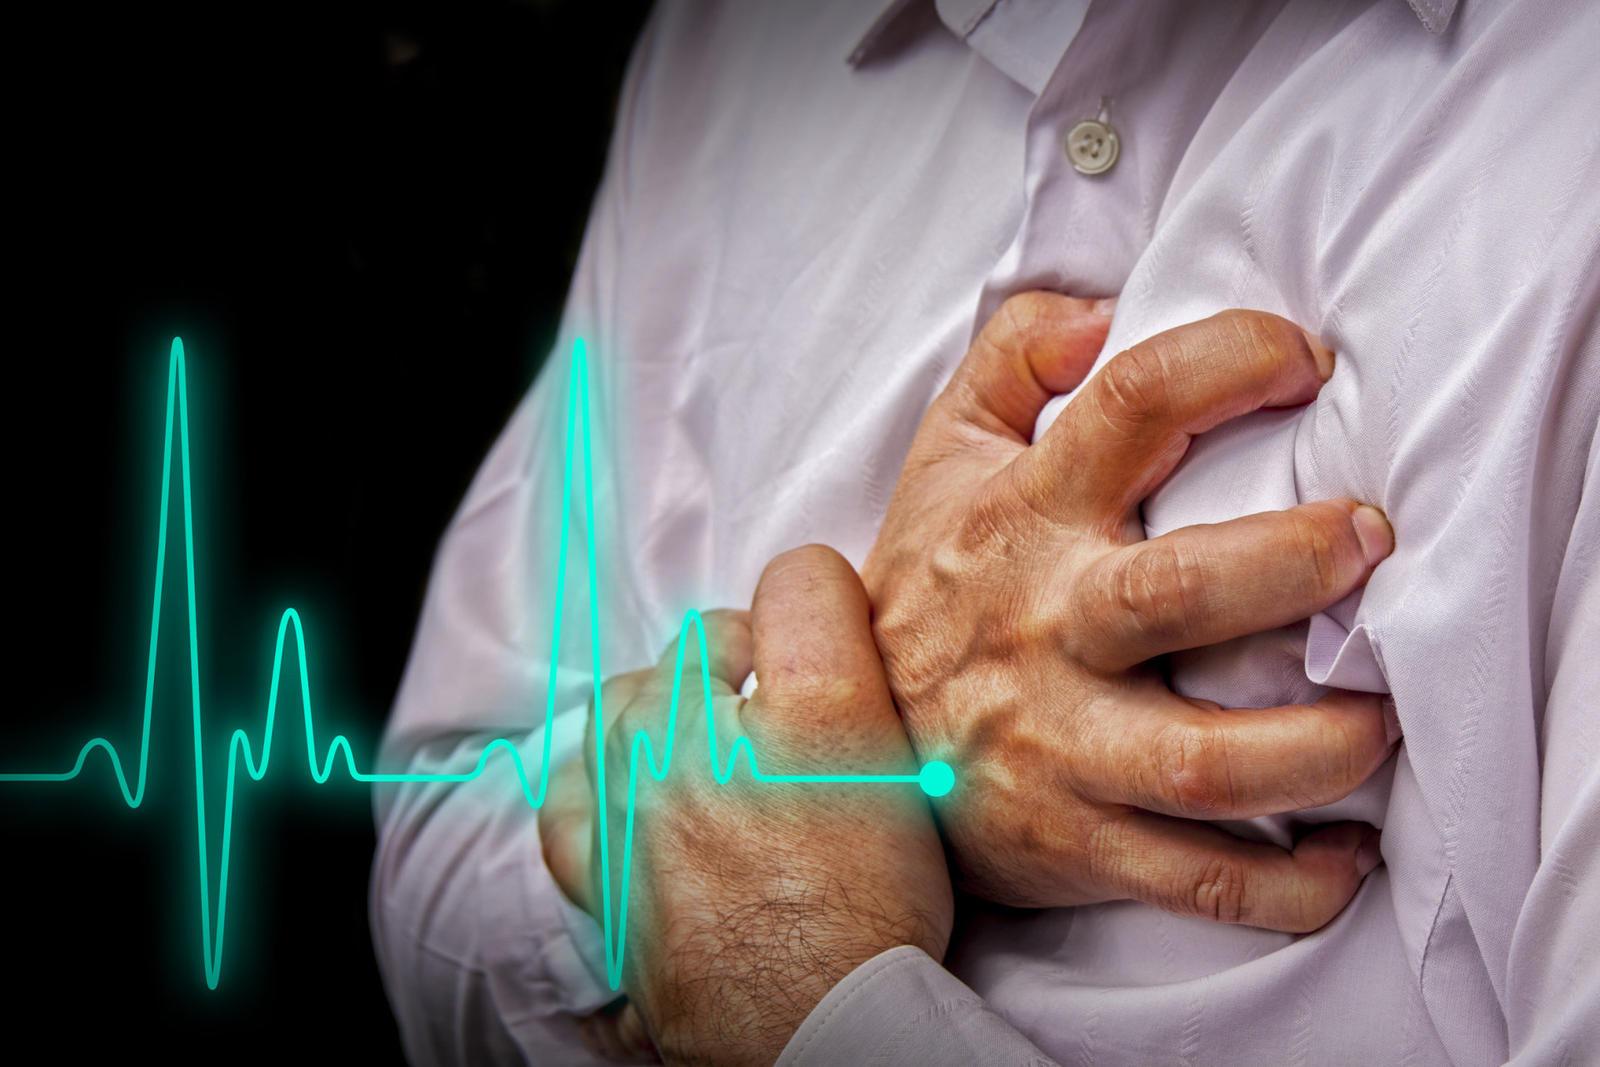 kaip gydyti hipertenziją vyresnio amžiaus žmonėms hipertenzijos prevencija liaudies gynimo priemonėmis